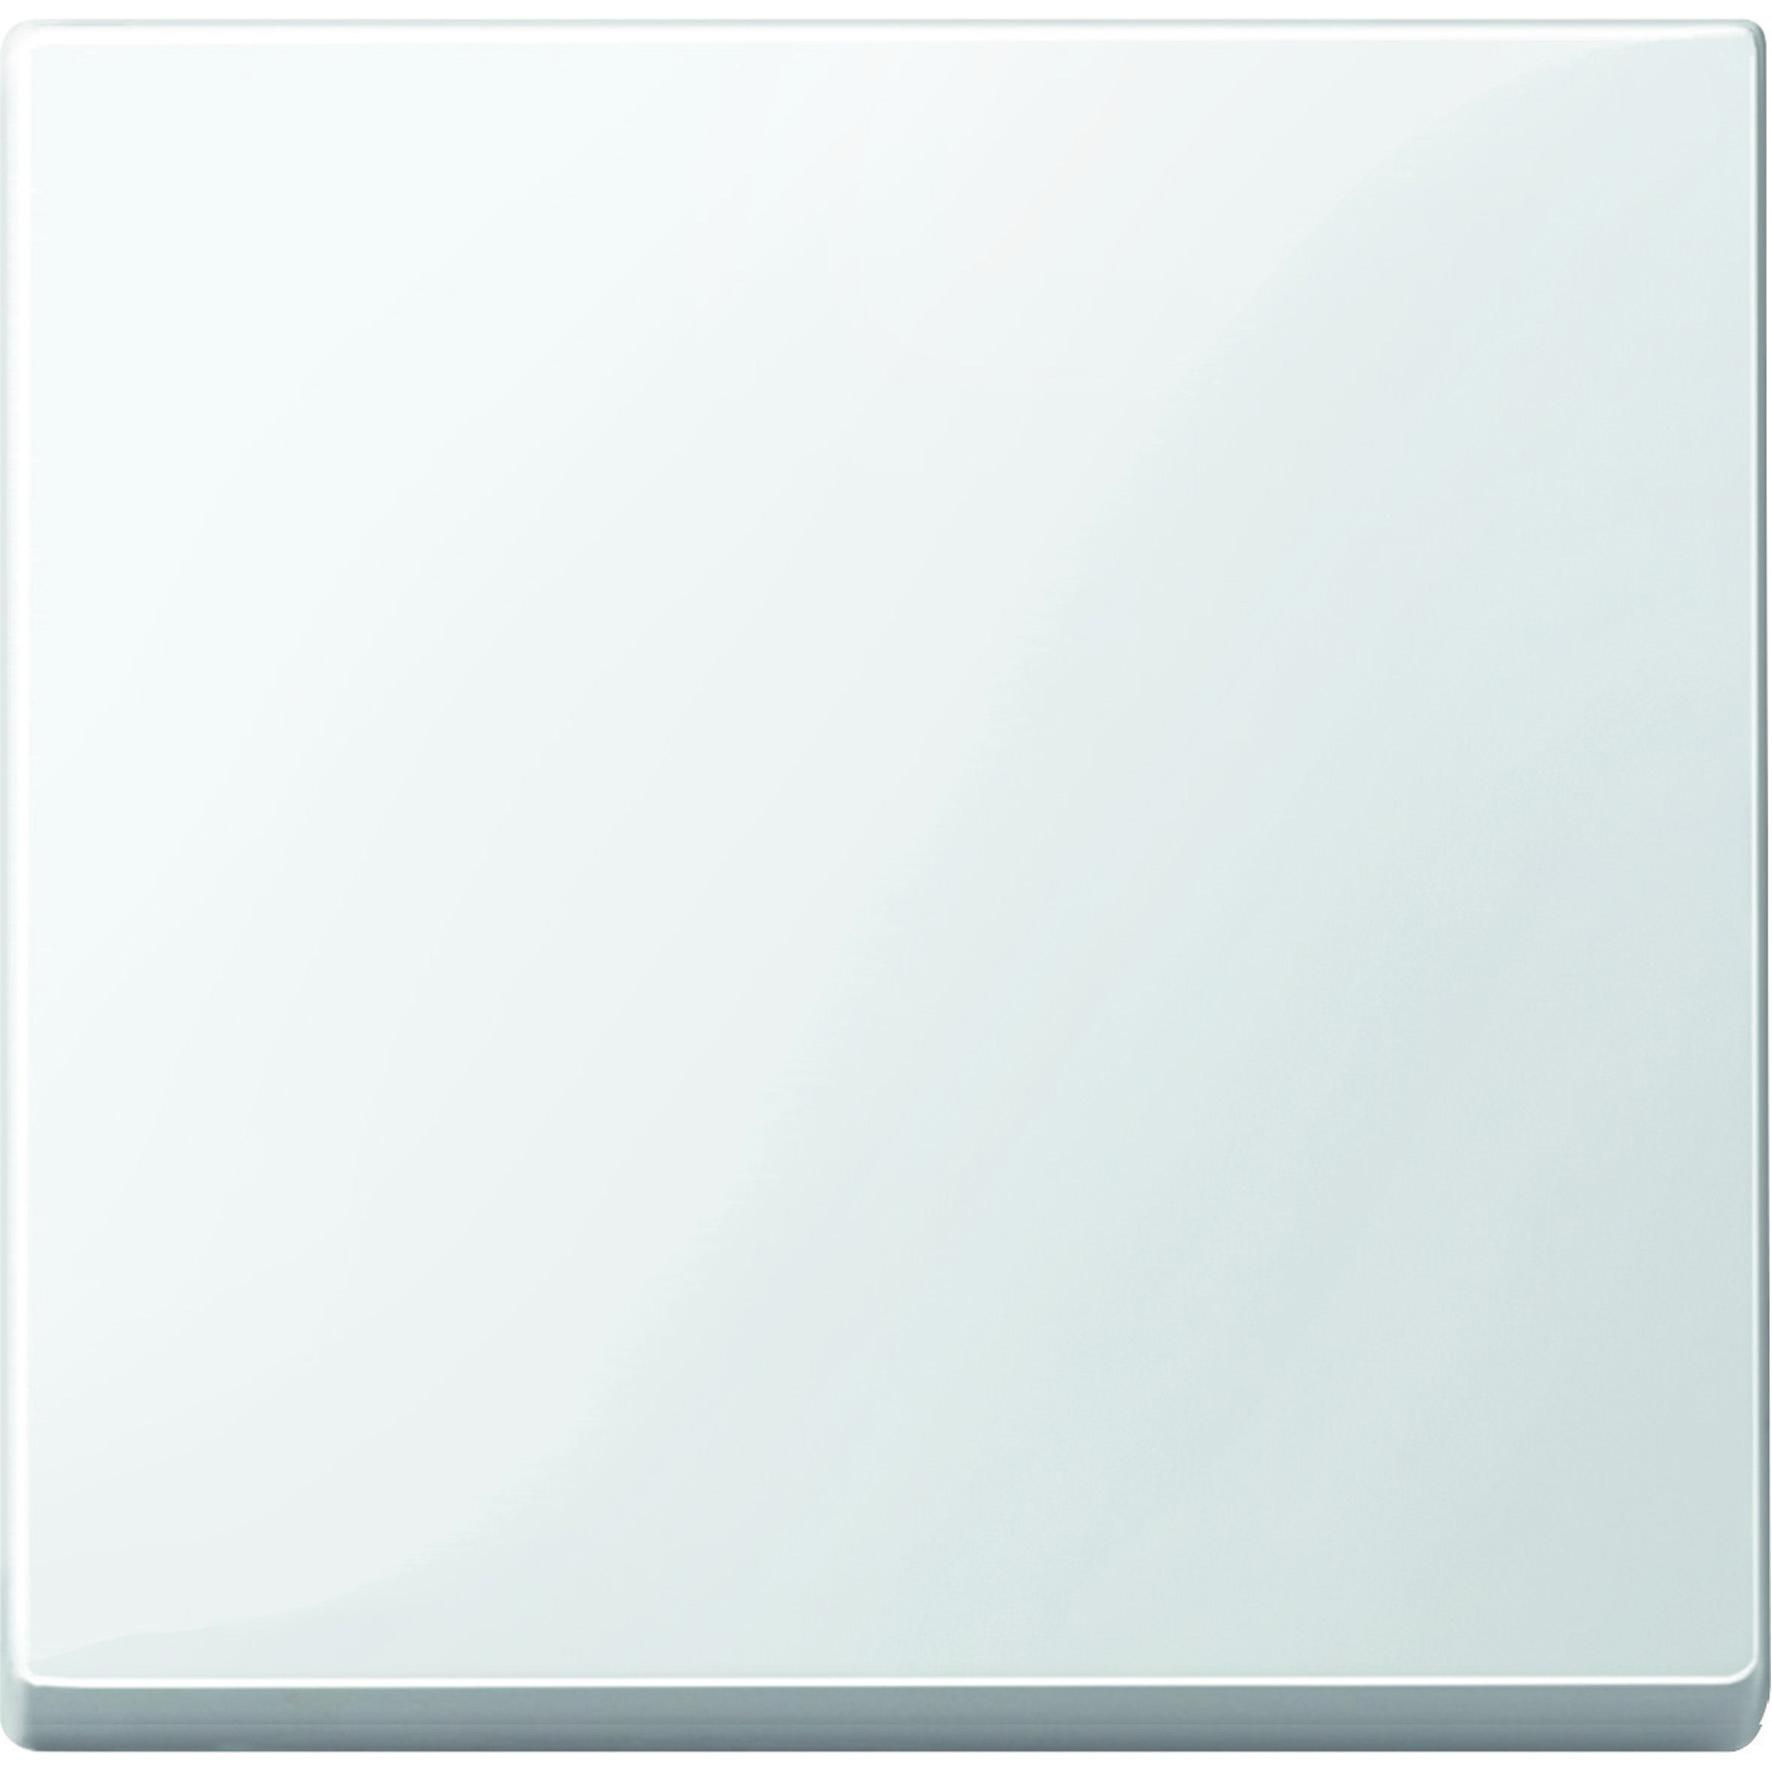 Schneider-Merten systeem M wip - polarwit glanzend (MTN432119)